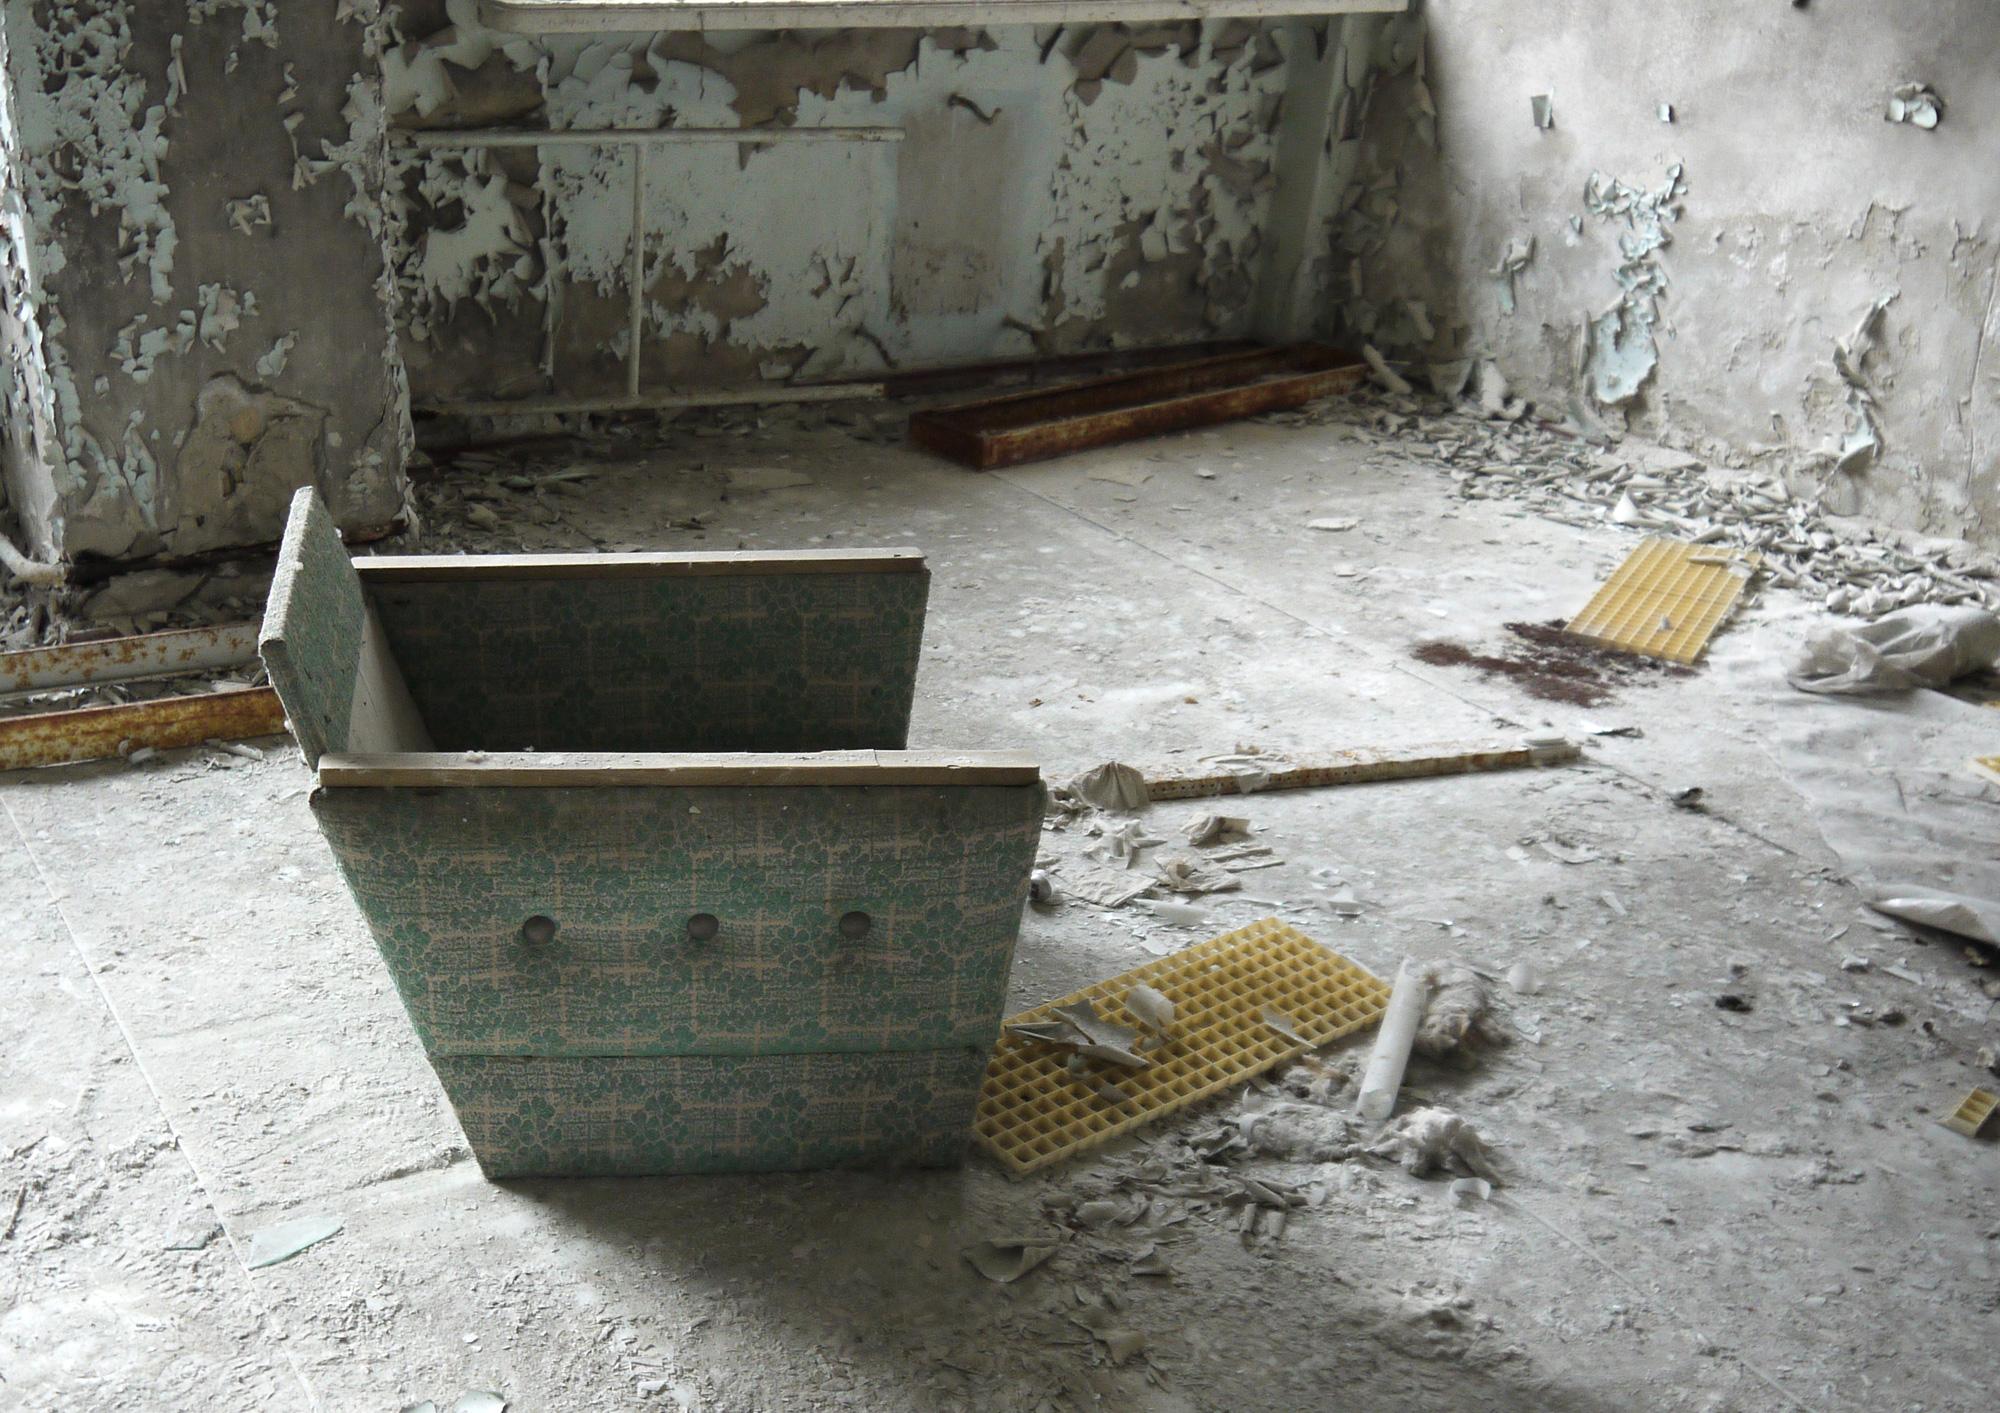 chernobyl-53